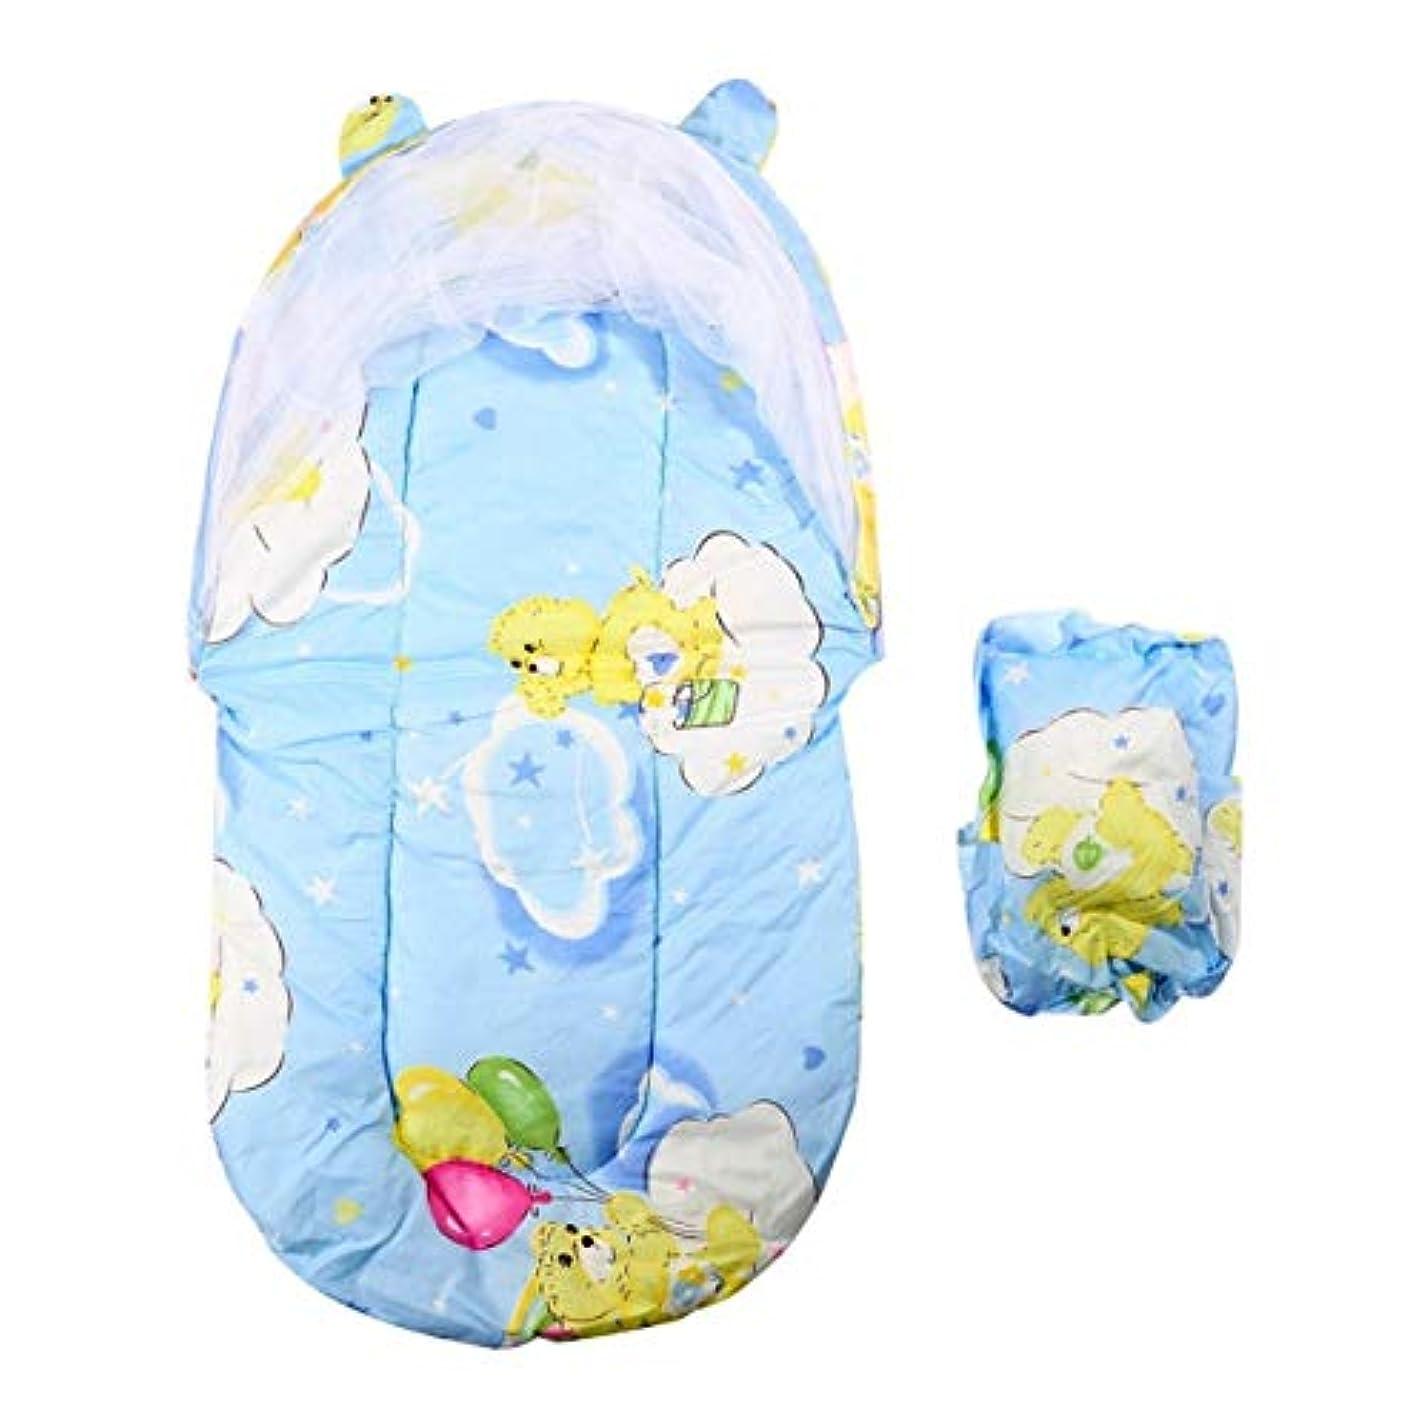 運搬知らせる交響曲Saikogoods 折り畳み式の新しい赤ん坊の綿パッド入りマットレス幼児枕ベッド蚊帳テントはキッズベビーベッドアクセサリーハングドームフロアスタンド 青